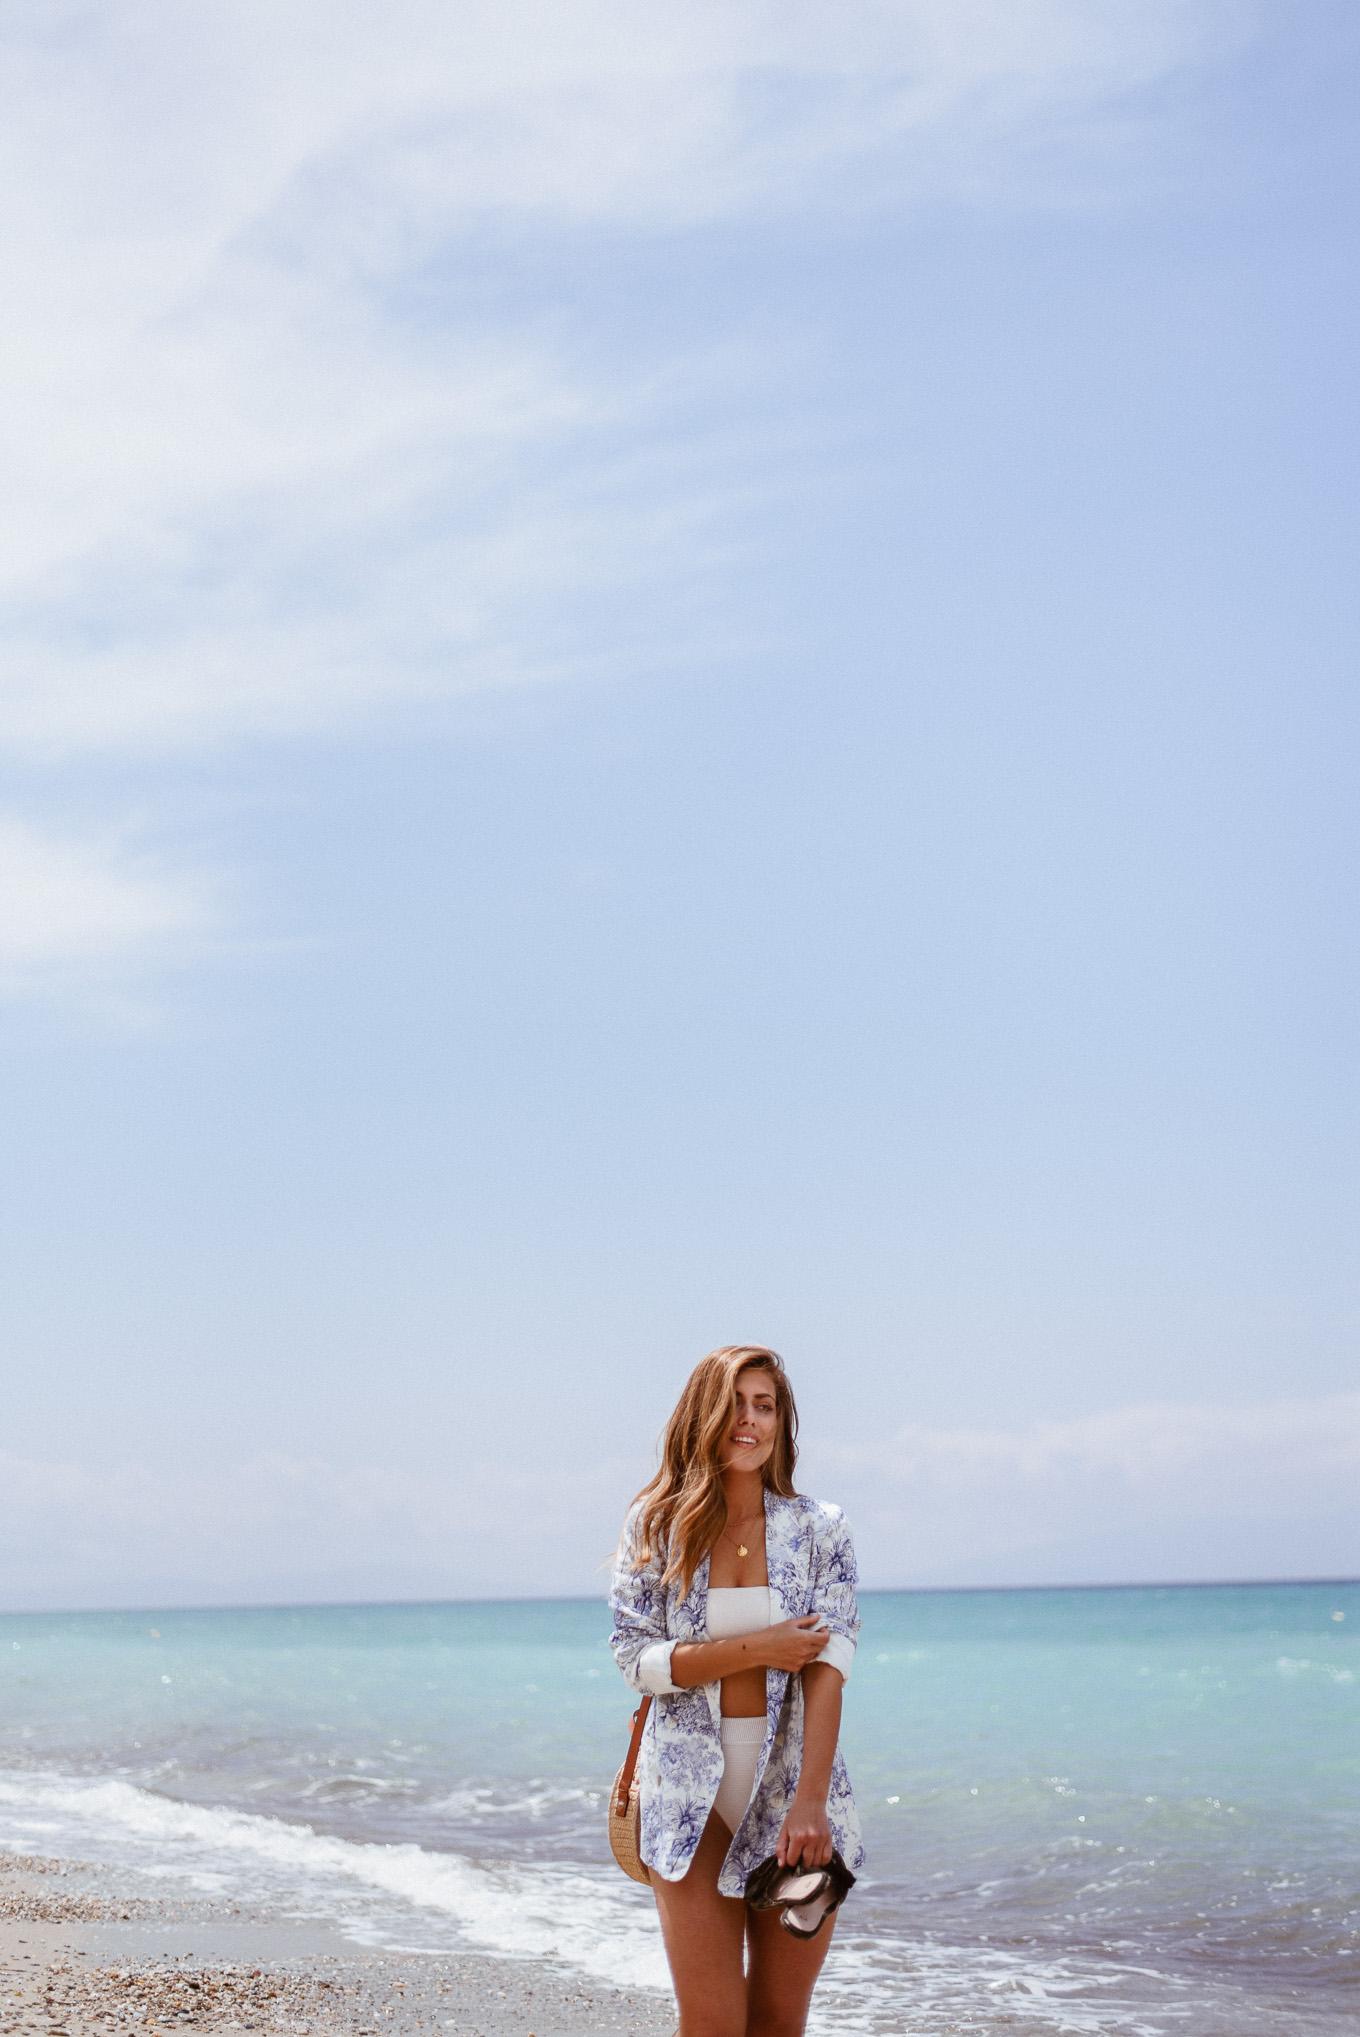 H&M bikini girl